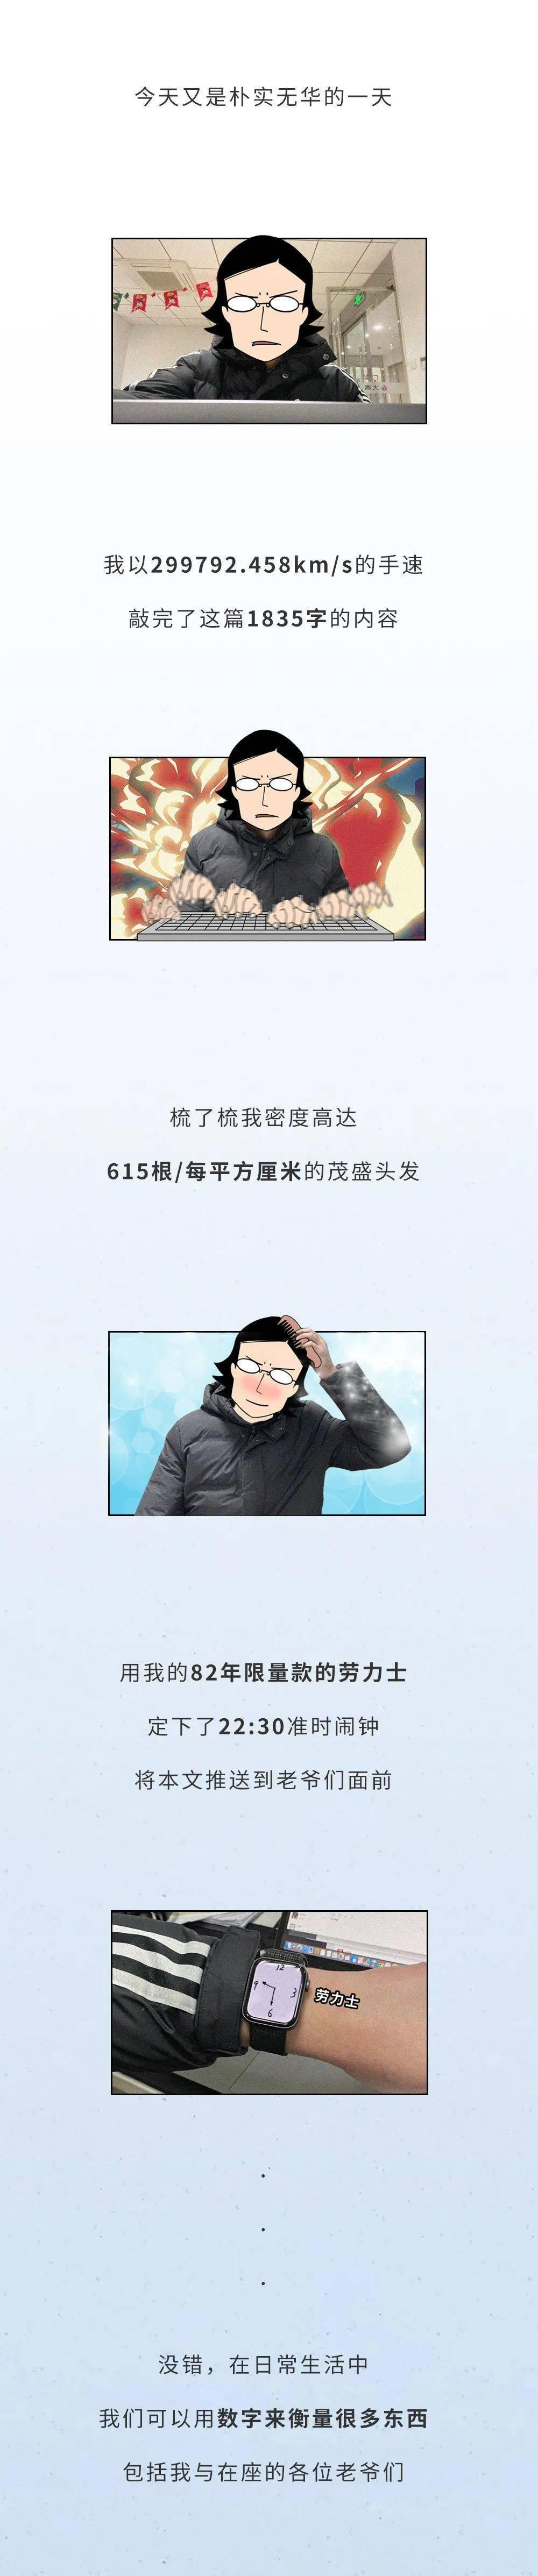 18cm属于什么水平?来看这组中国男人的身体数据....